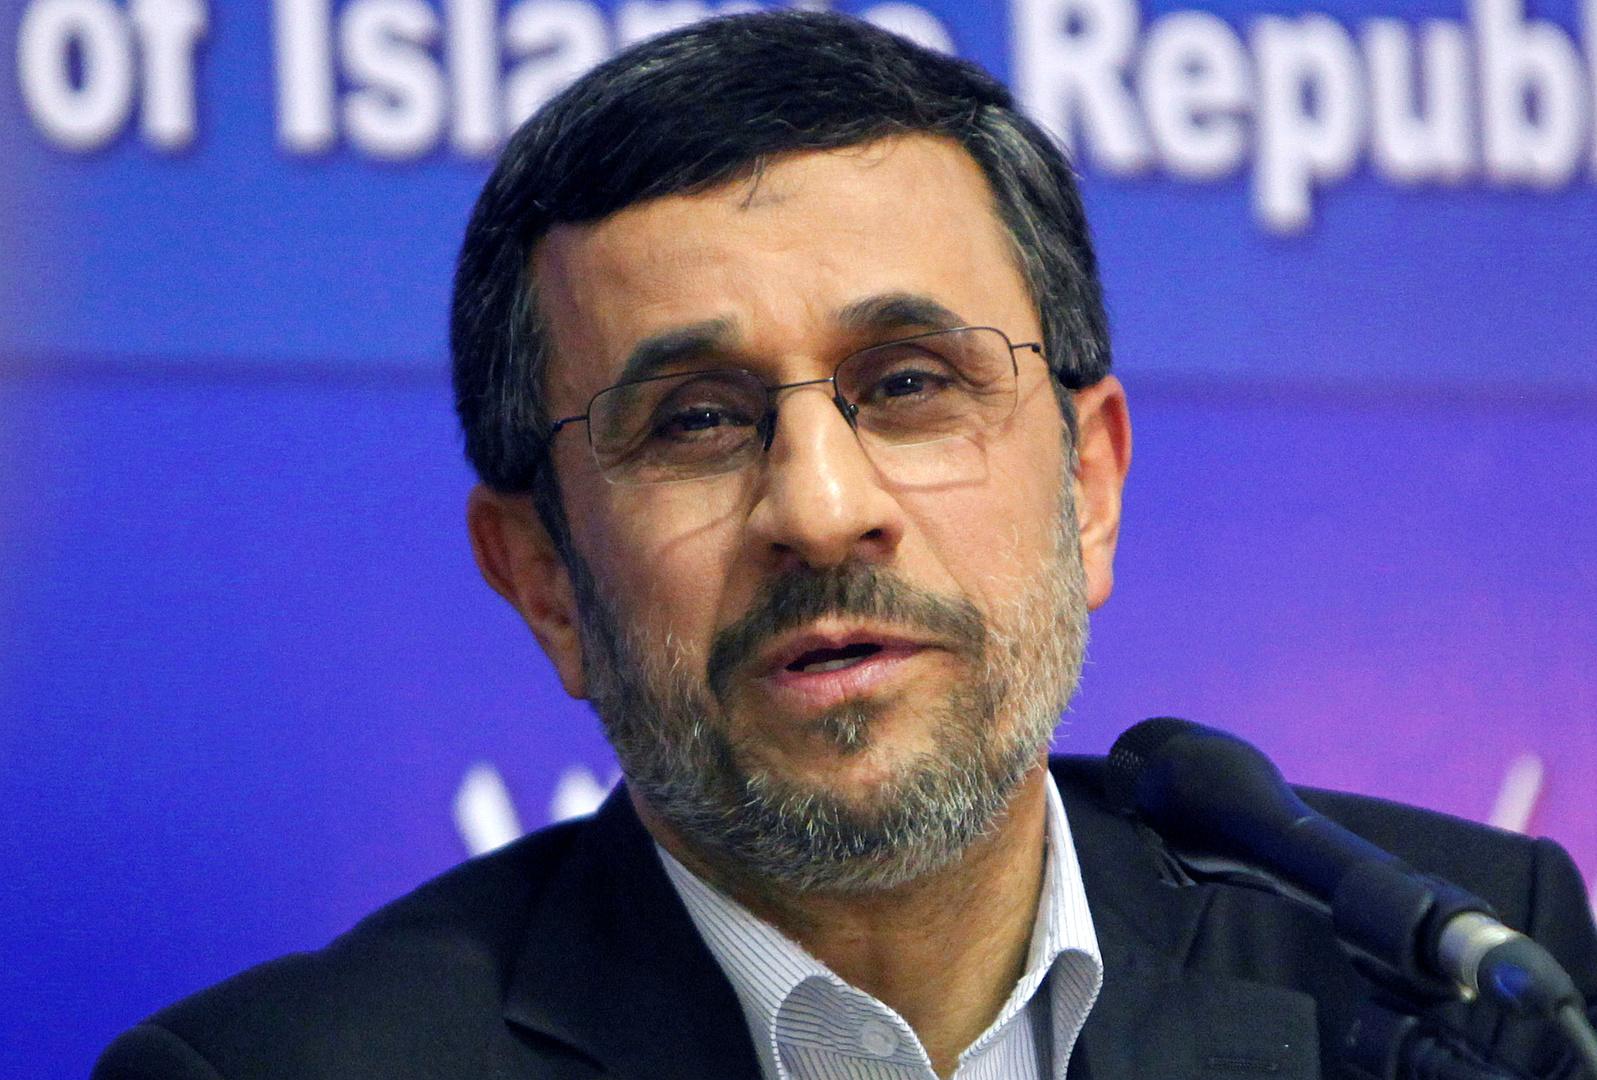 أحمدي نجاد: تعاون إيران والسعودية سيشكل فرصة ذهبية لإحلال السلم وتطور بلدان المنطقة